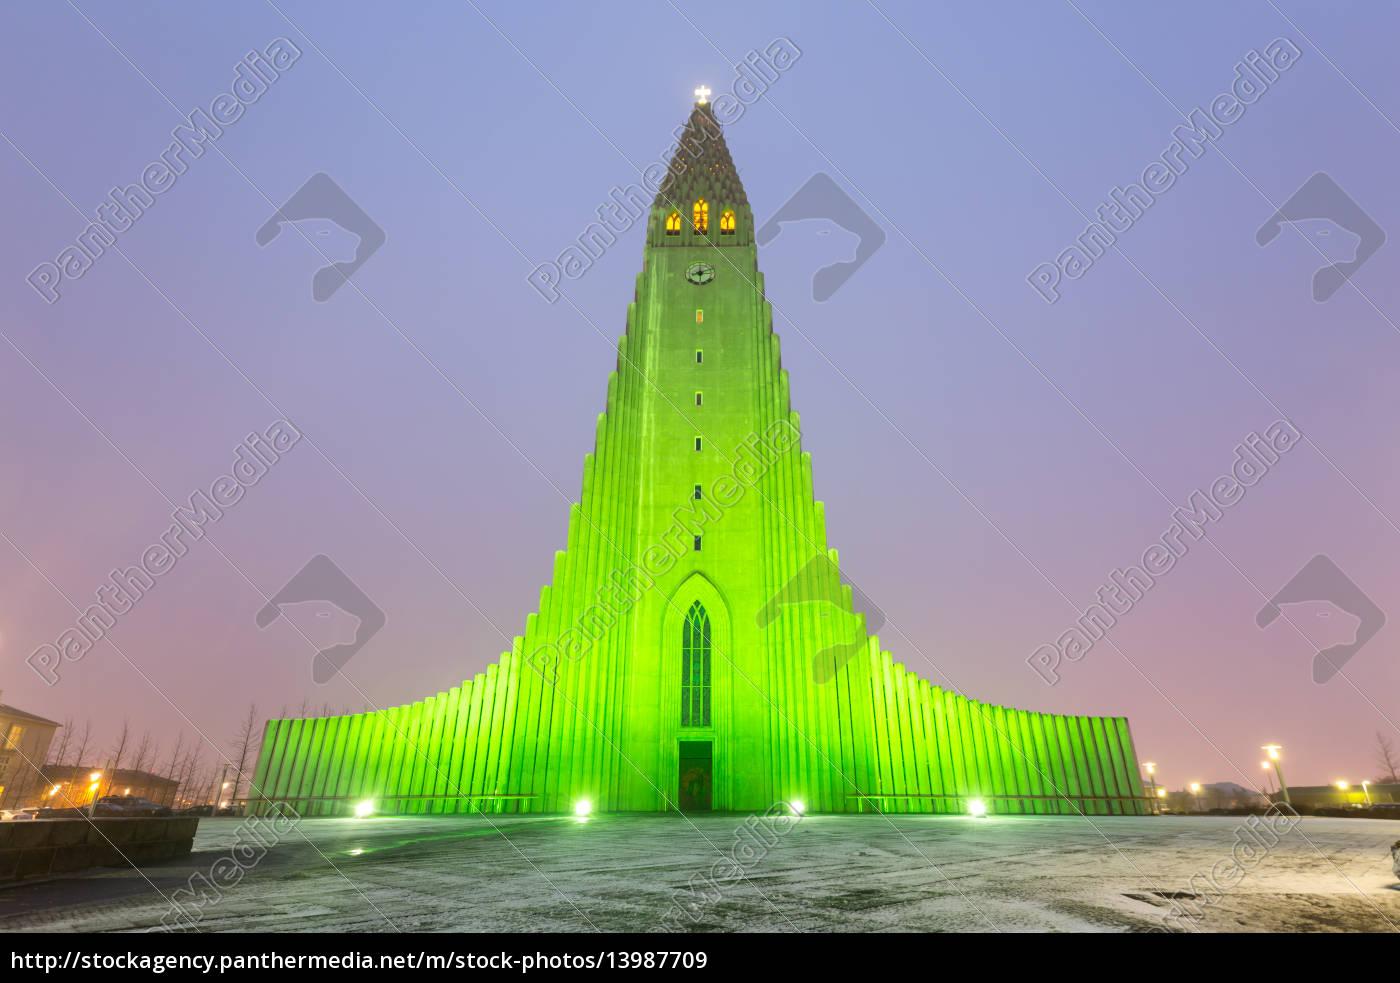 kathedrale, hallgrimskirkja, reykjavik, island - 13987709